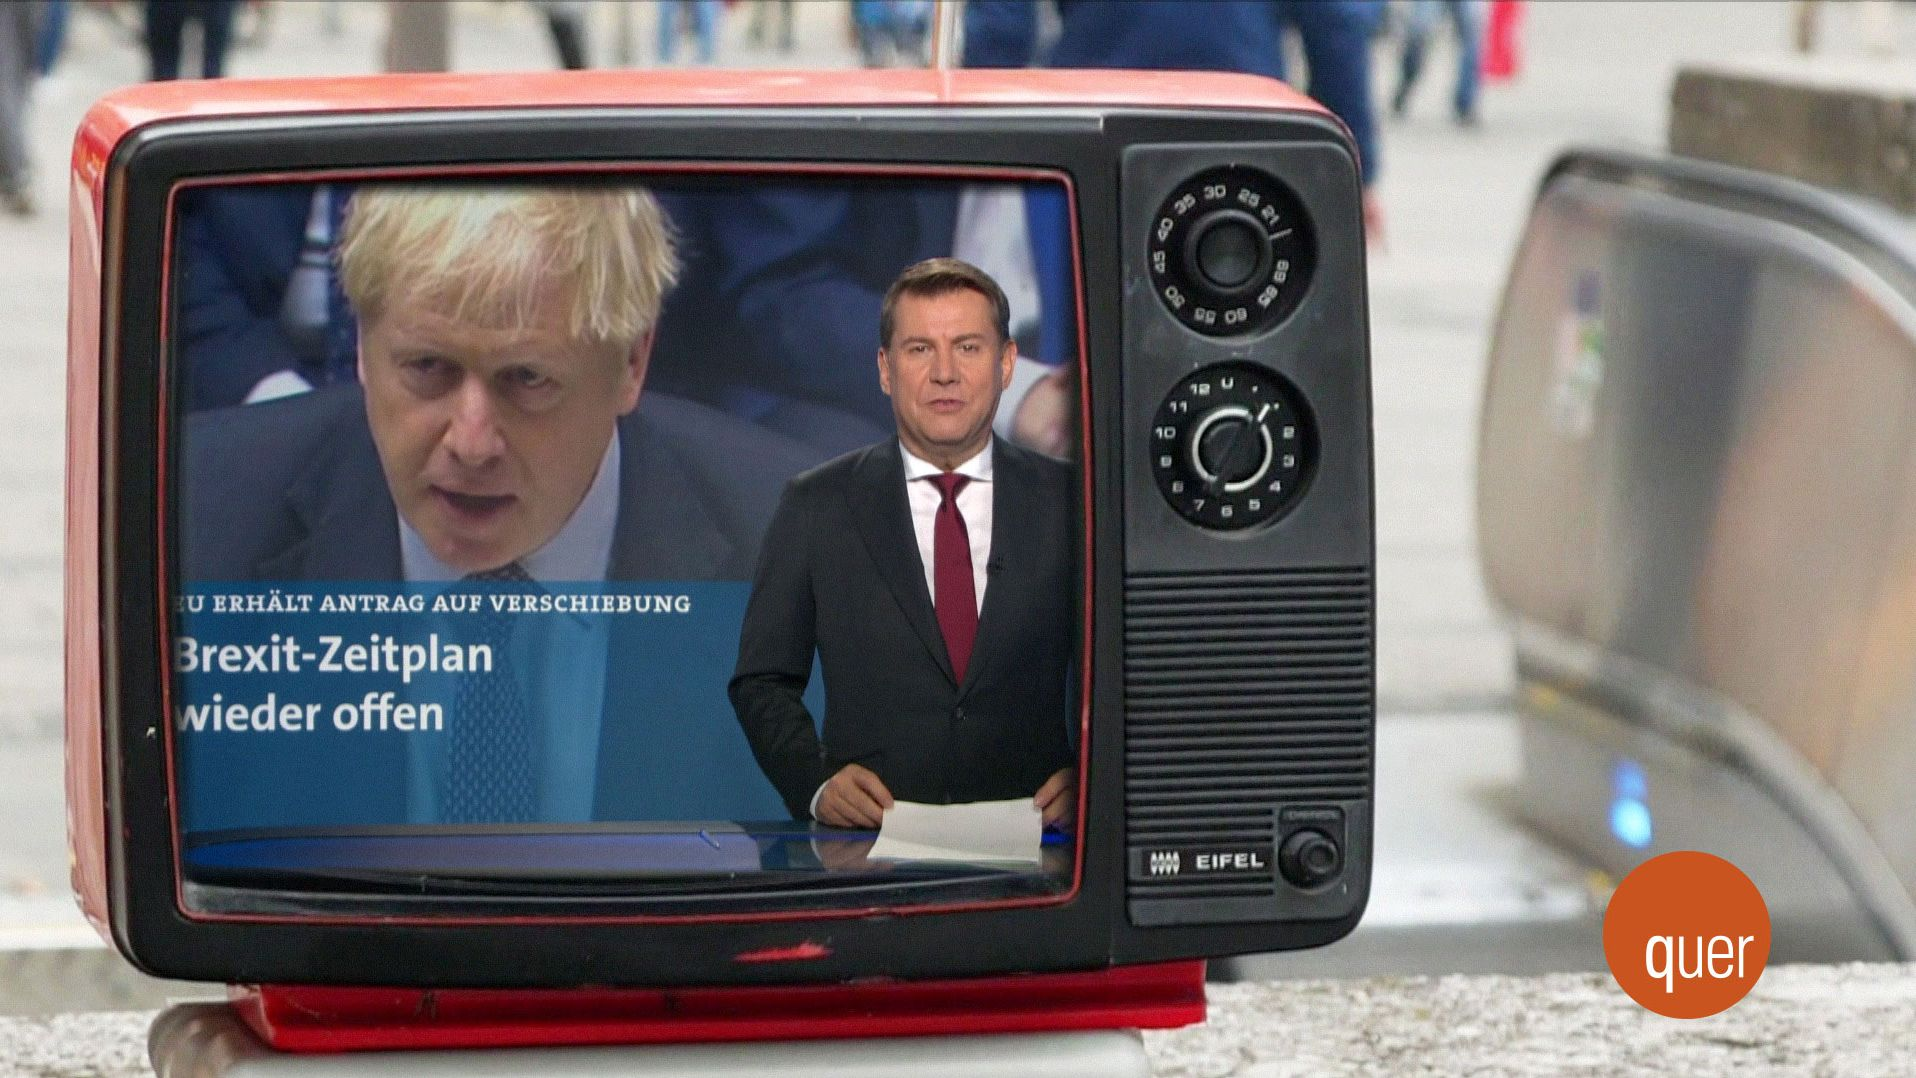 Ein Fernseher, auf dem ein Nachrichtensprecher und der britische Premierminister Boris Johnson zu sehen sind.